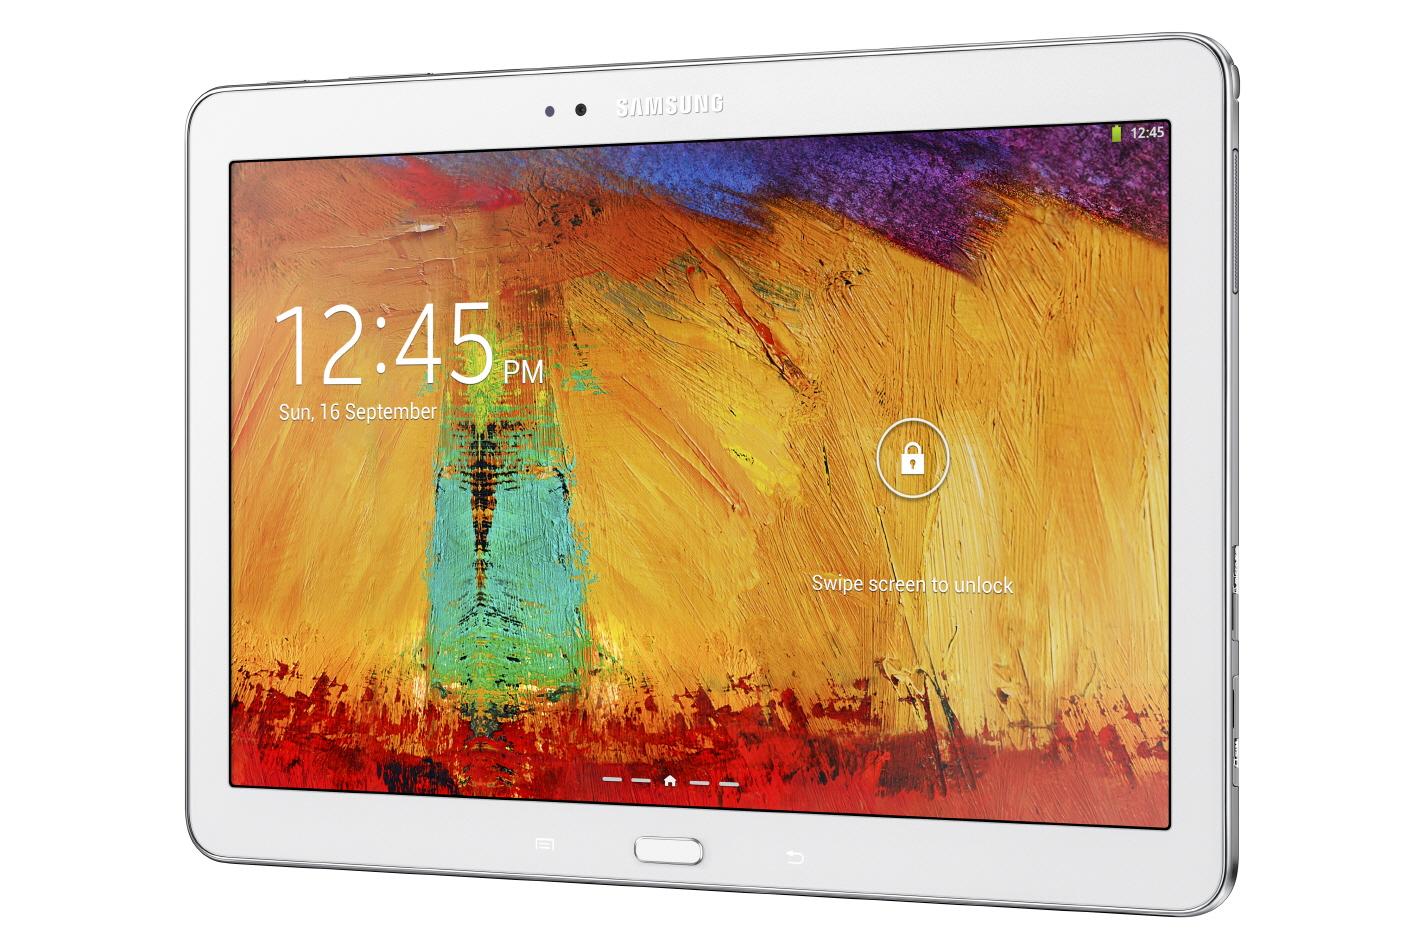 Novità IFA2013| Asus annuncia i tablet MeMO Pad 8 e MeMO Pad 10